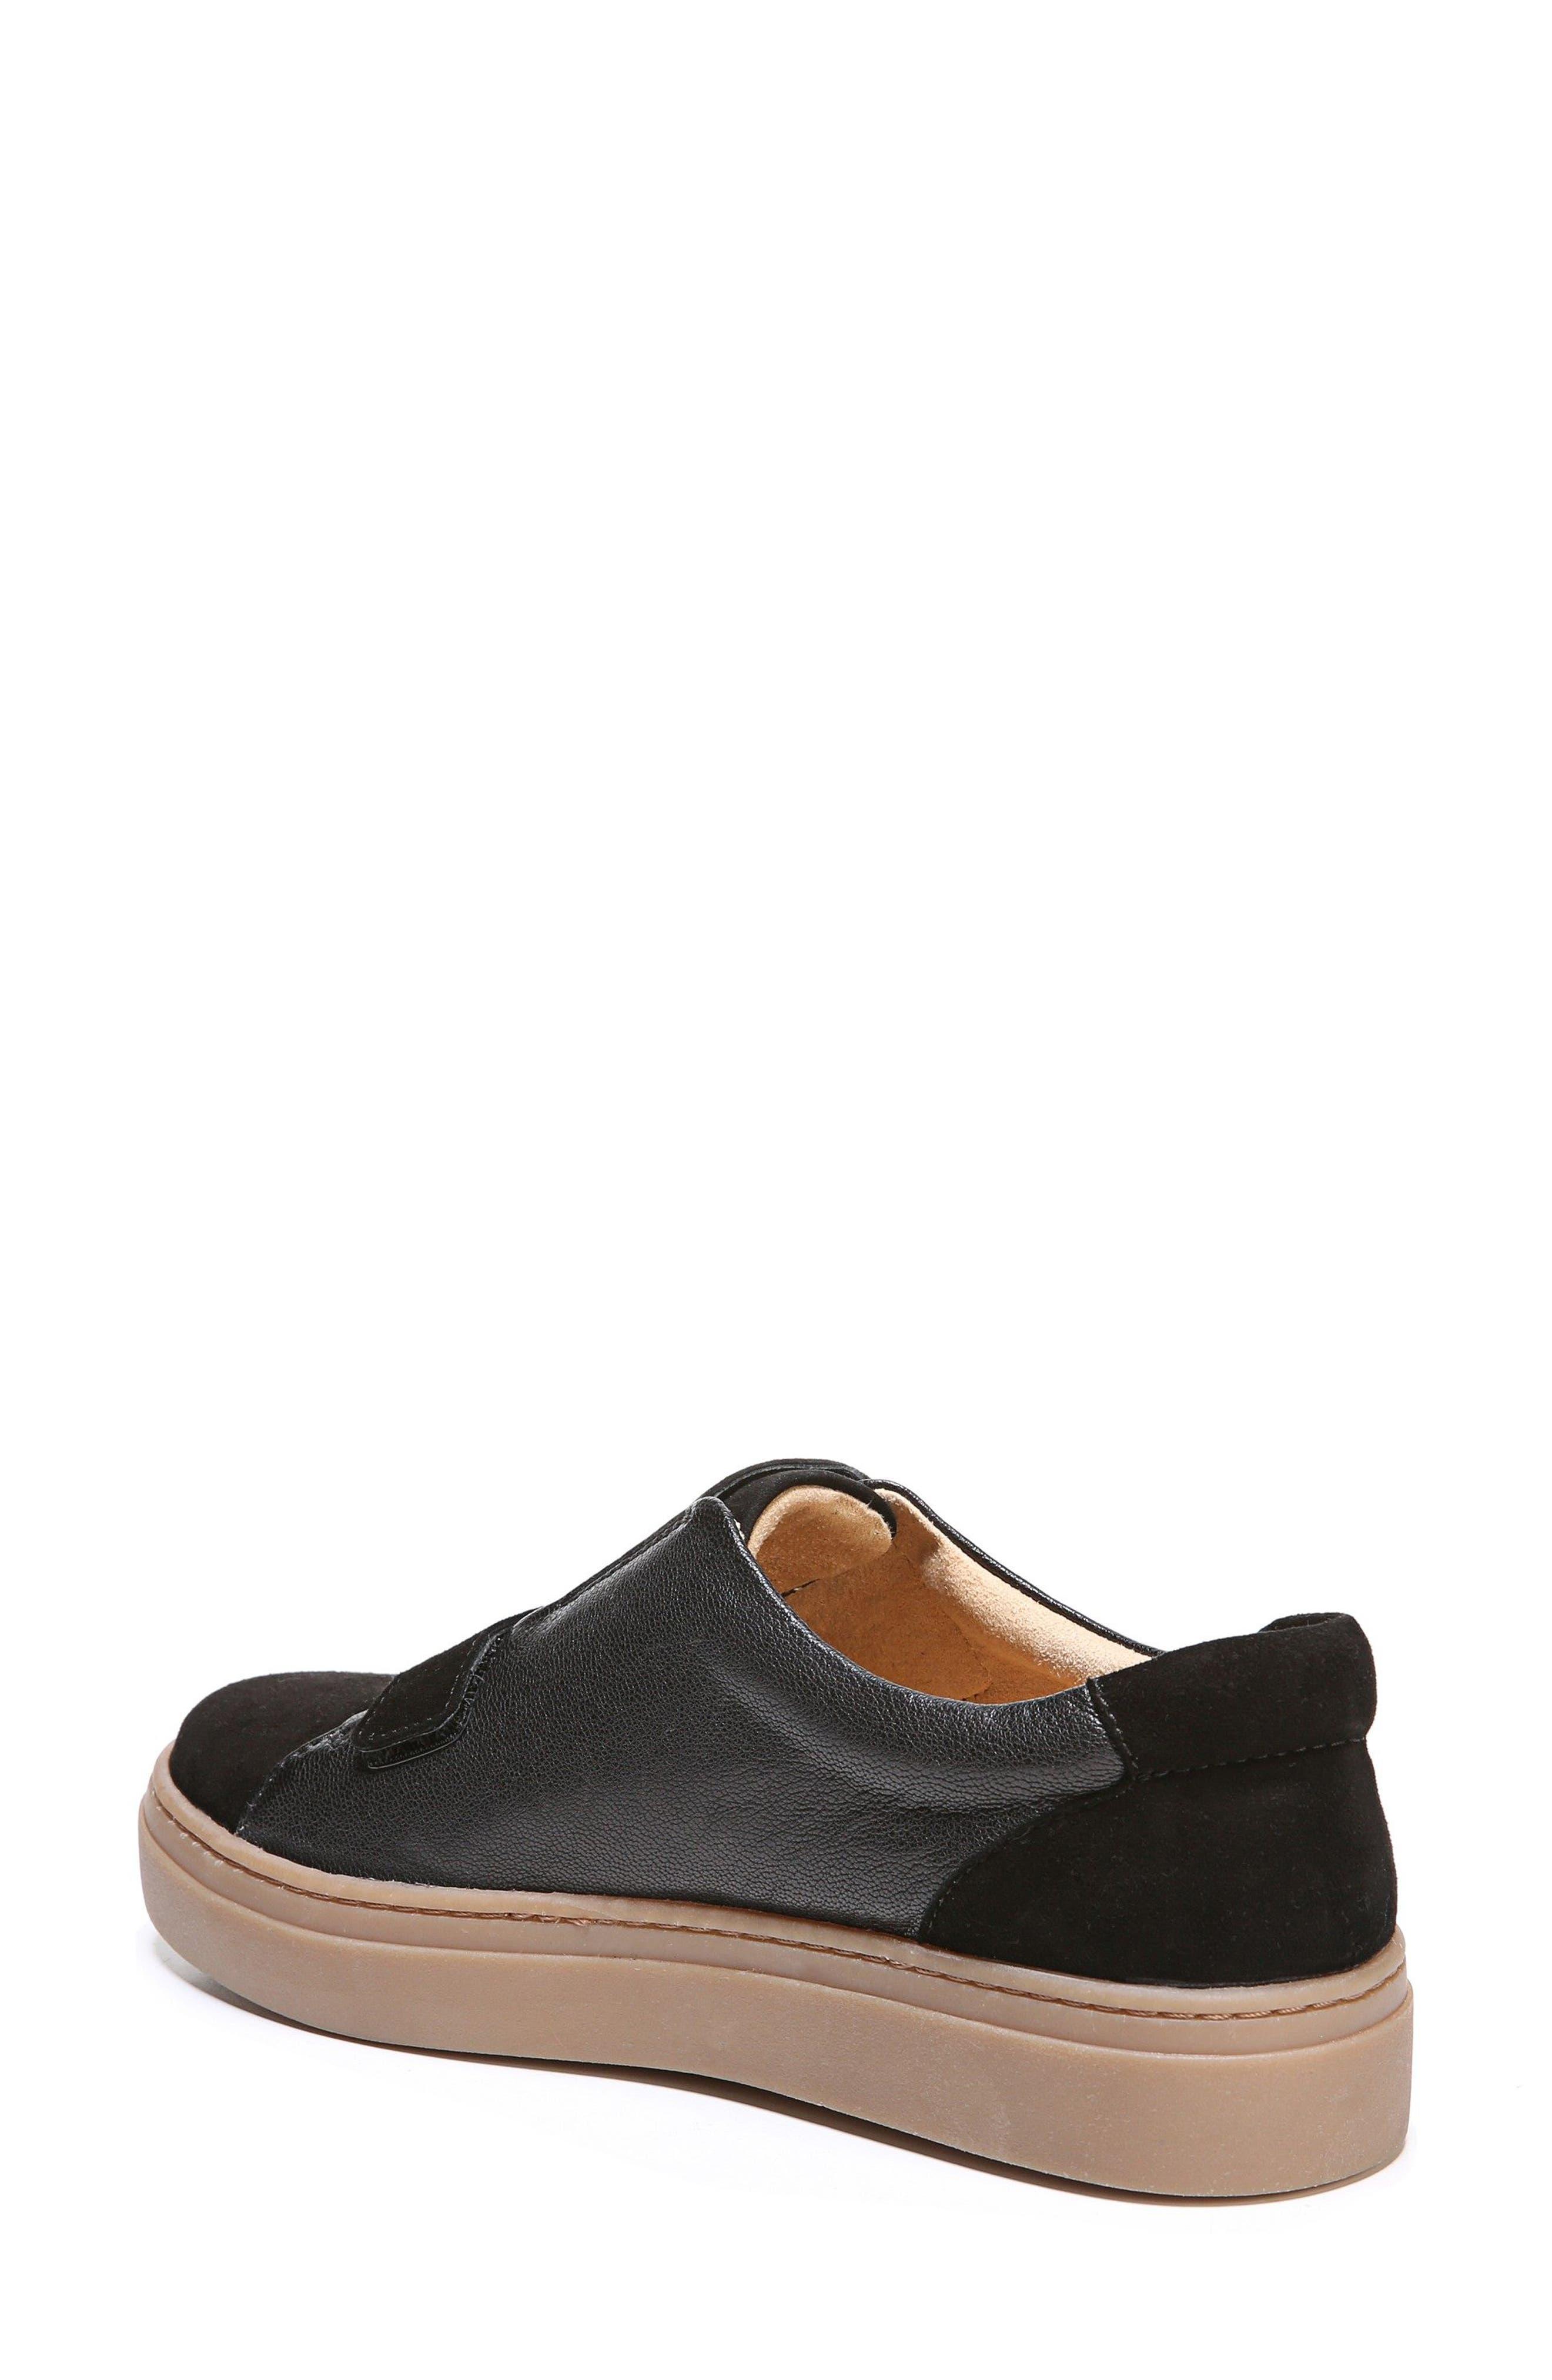 Charlie Slip-On Sneaker,                             Alternate thumbnail 4, color,